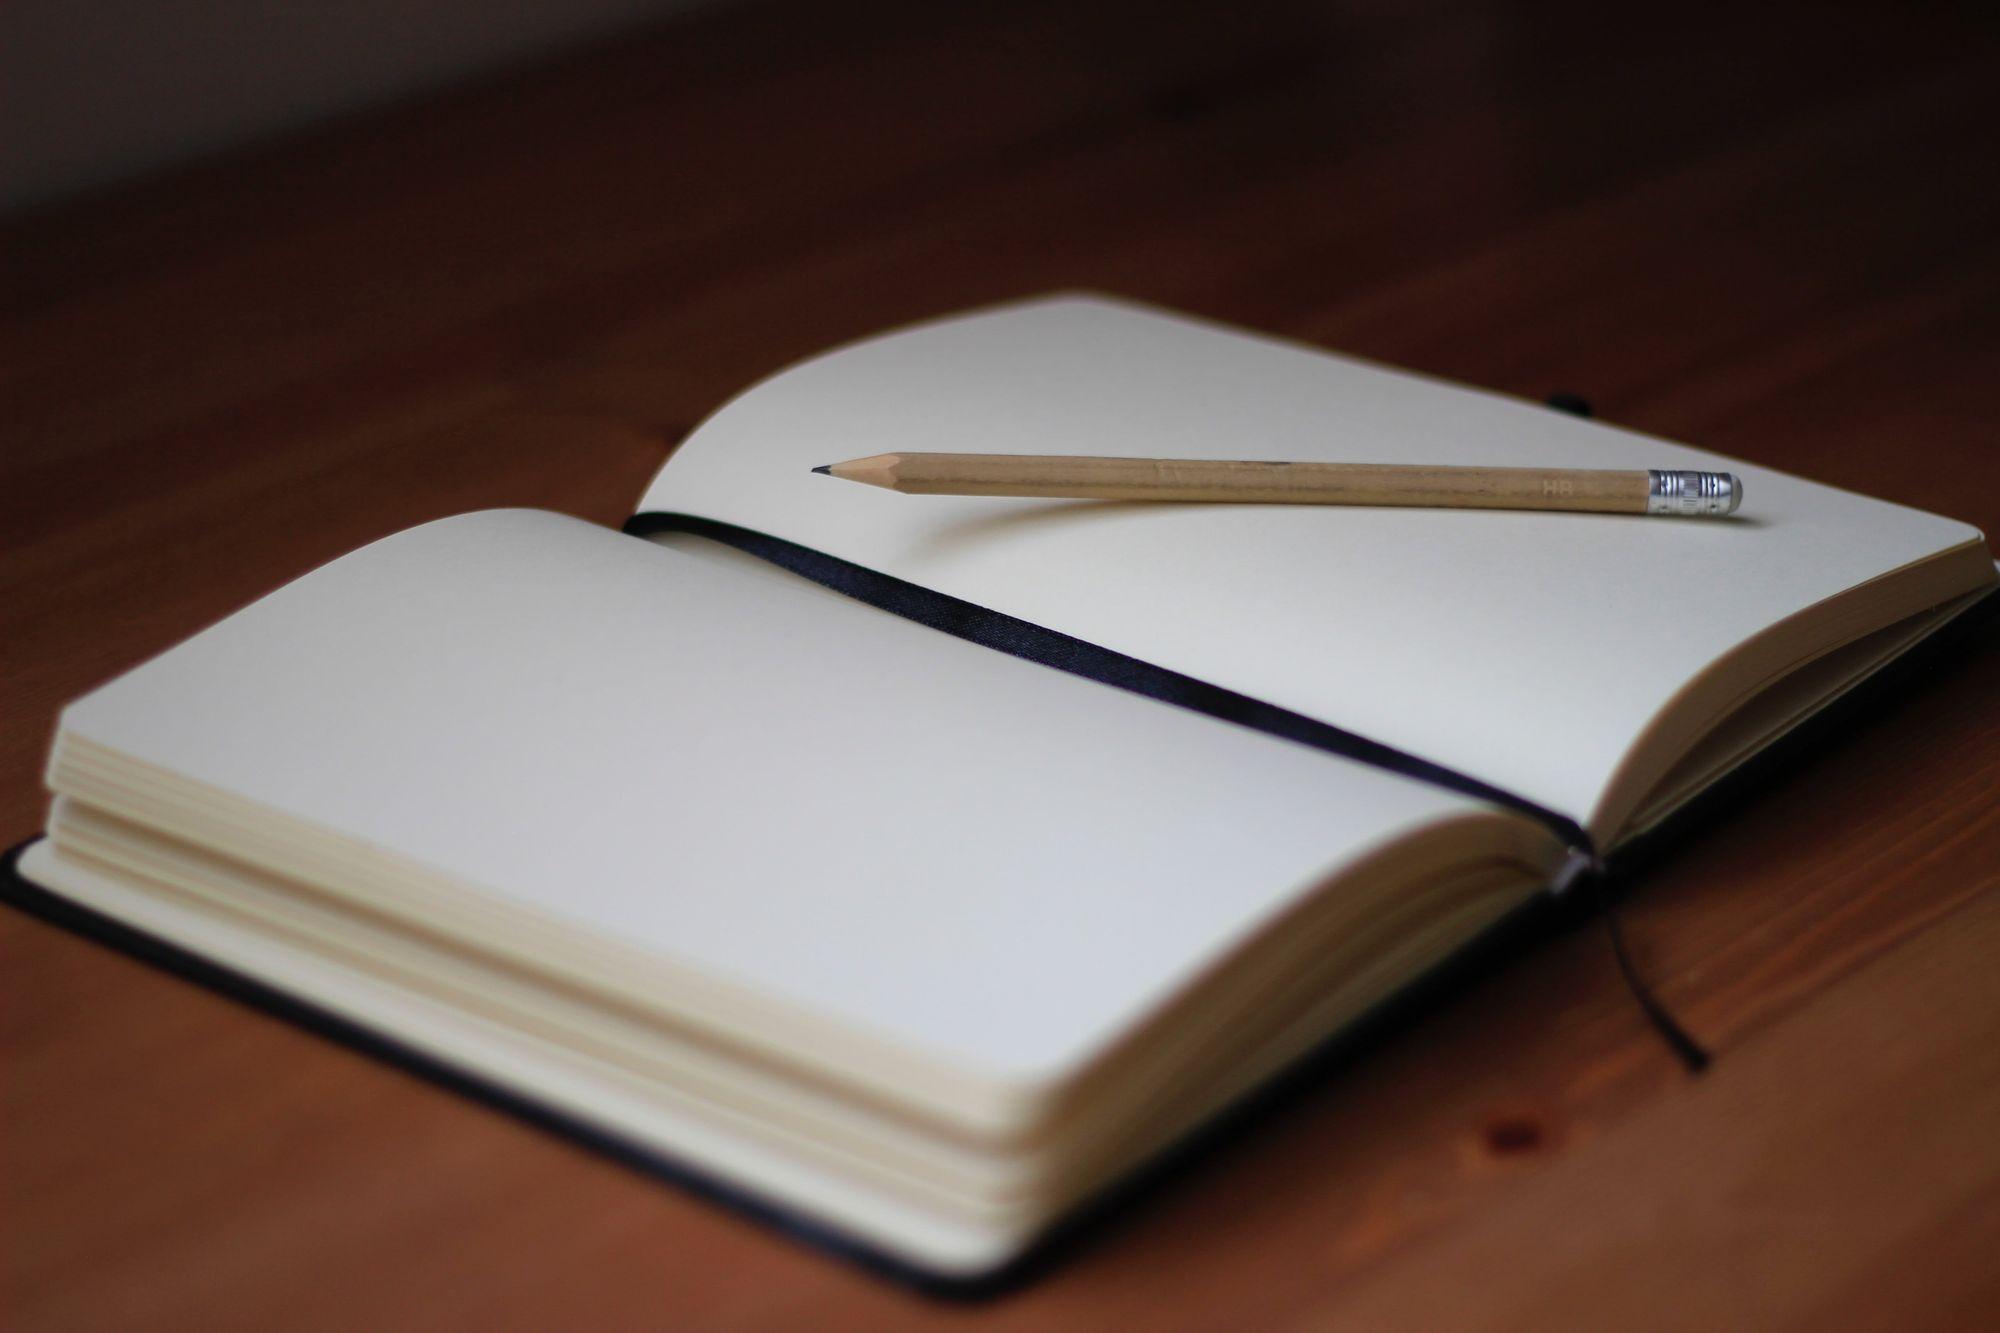 An open journal